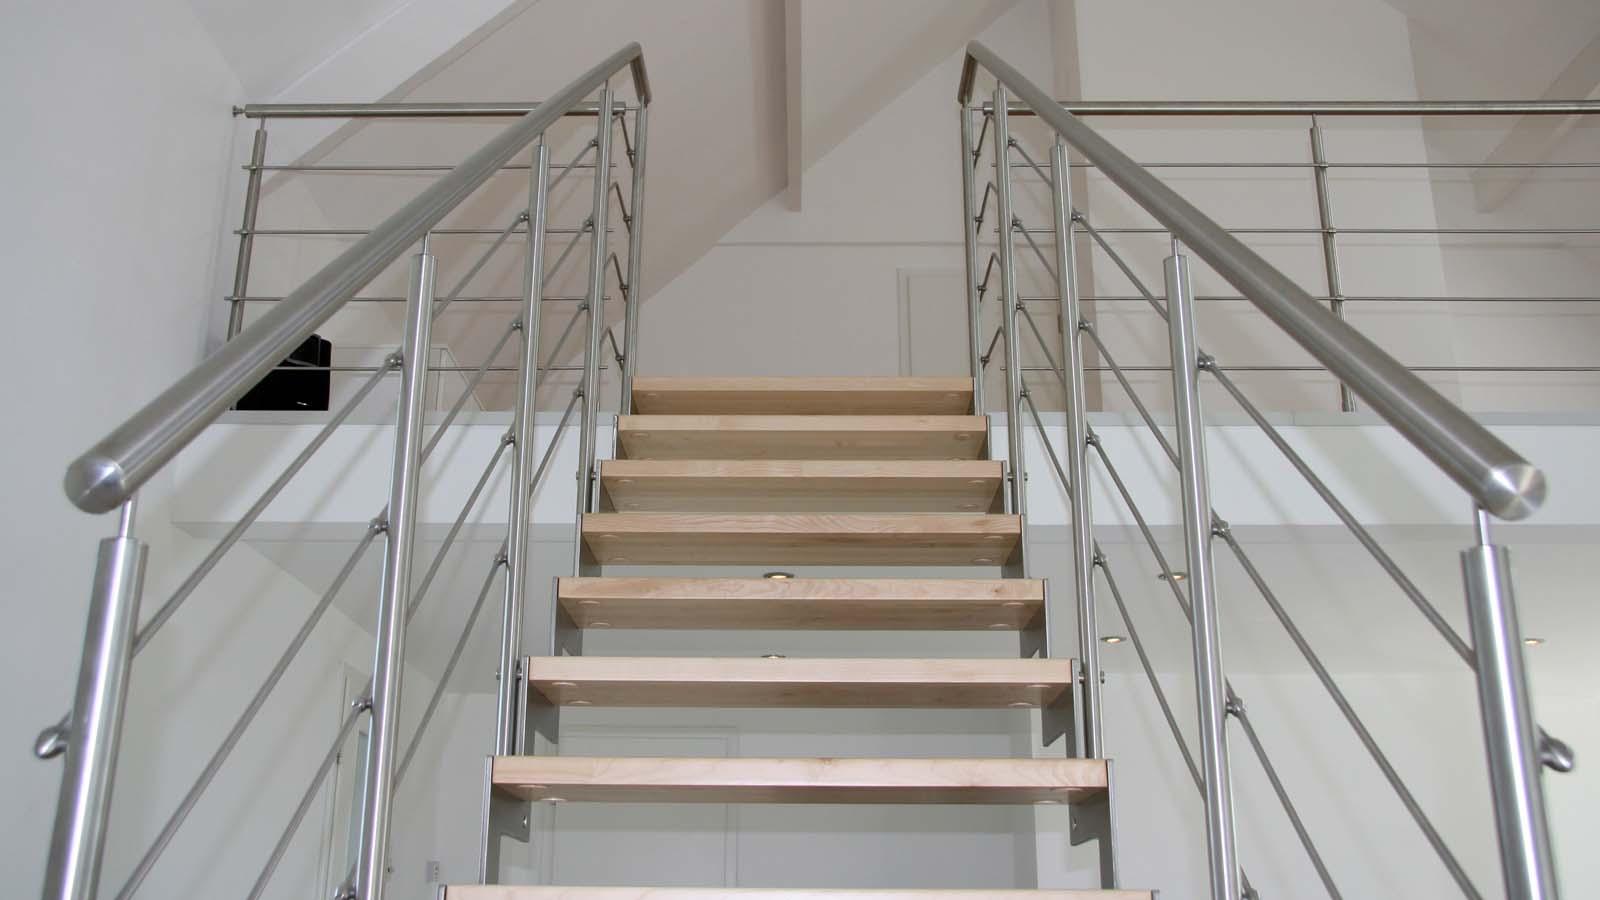 Dettaglio gradini a vista in legno con balaustra in acciaio